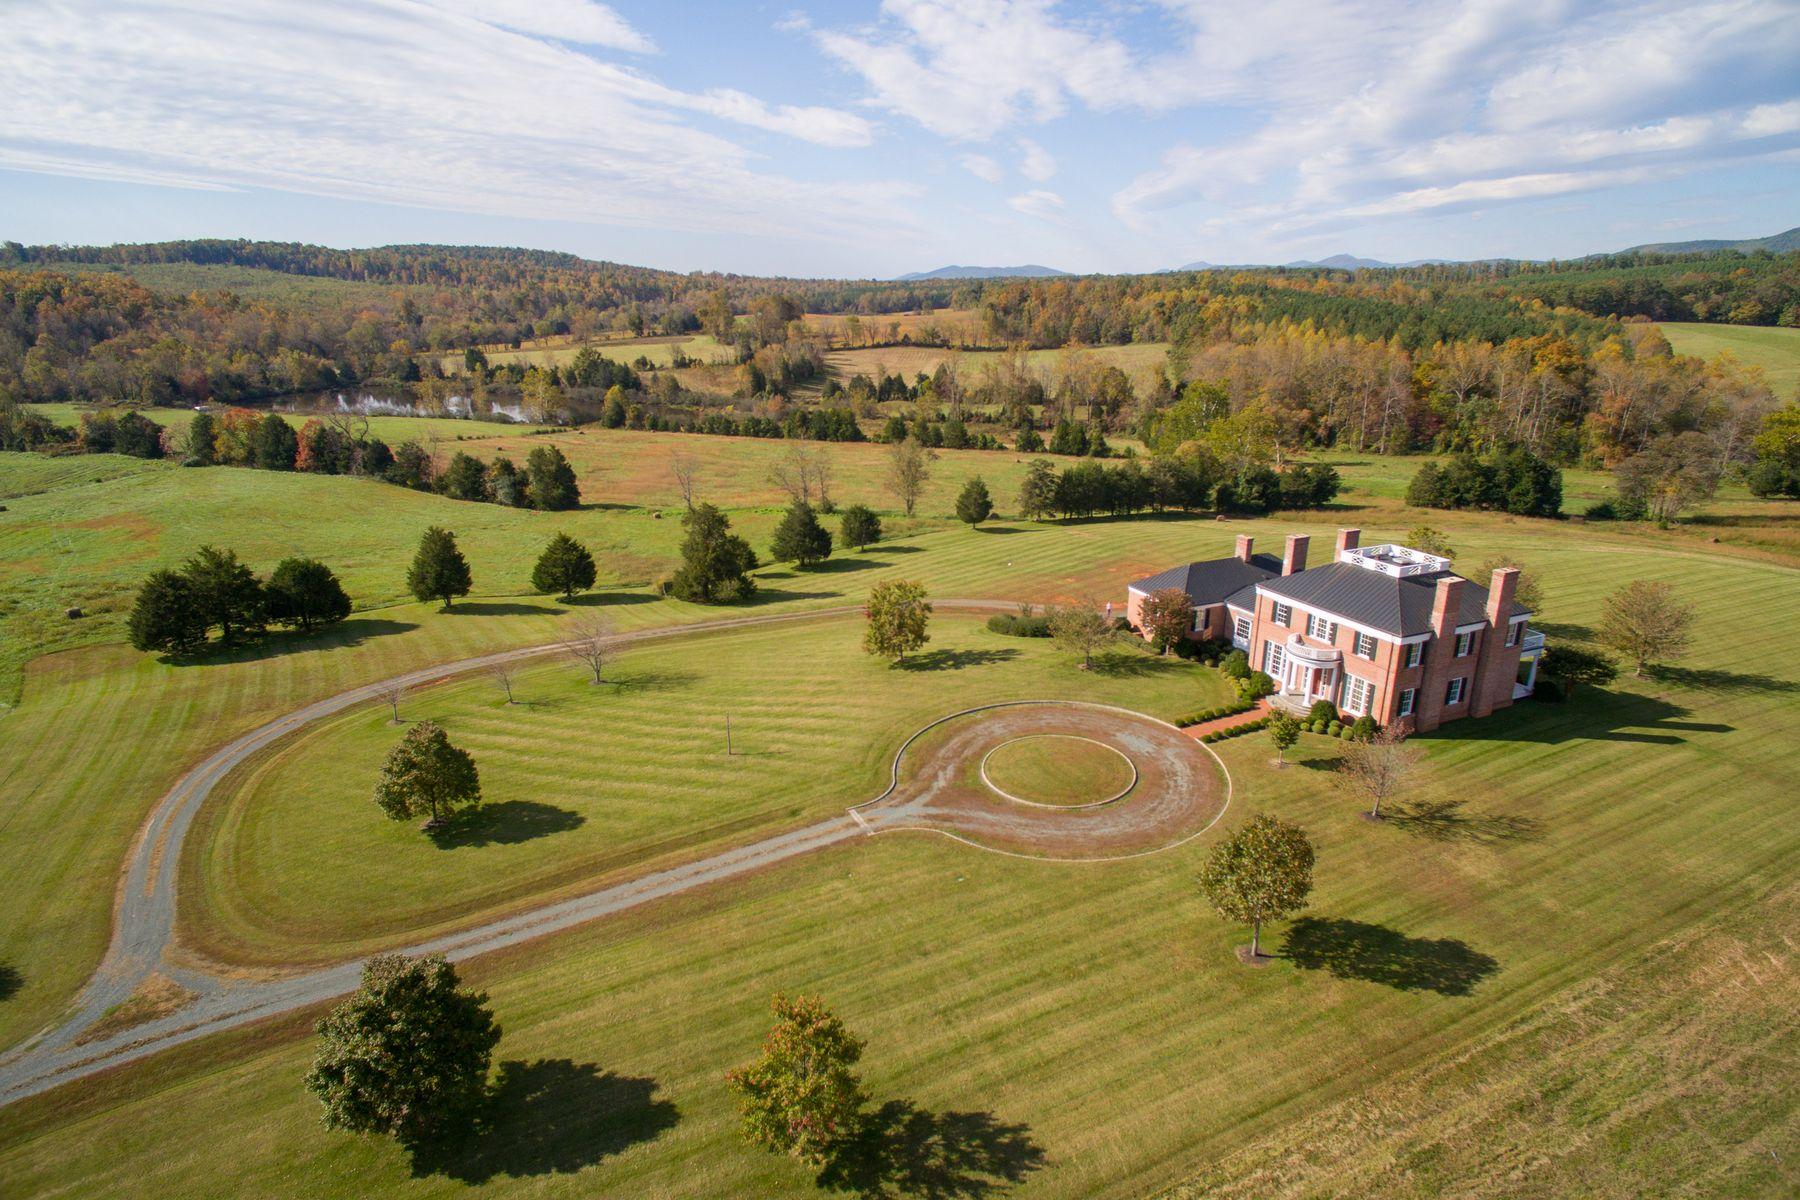 一戸建て のために 売買 アット Apsara Farm 3490 Apsara Farm Lane Esmont, バージニア 22937 アメリカ合衆国で/アラウンド: Charlottesville